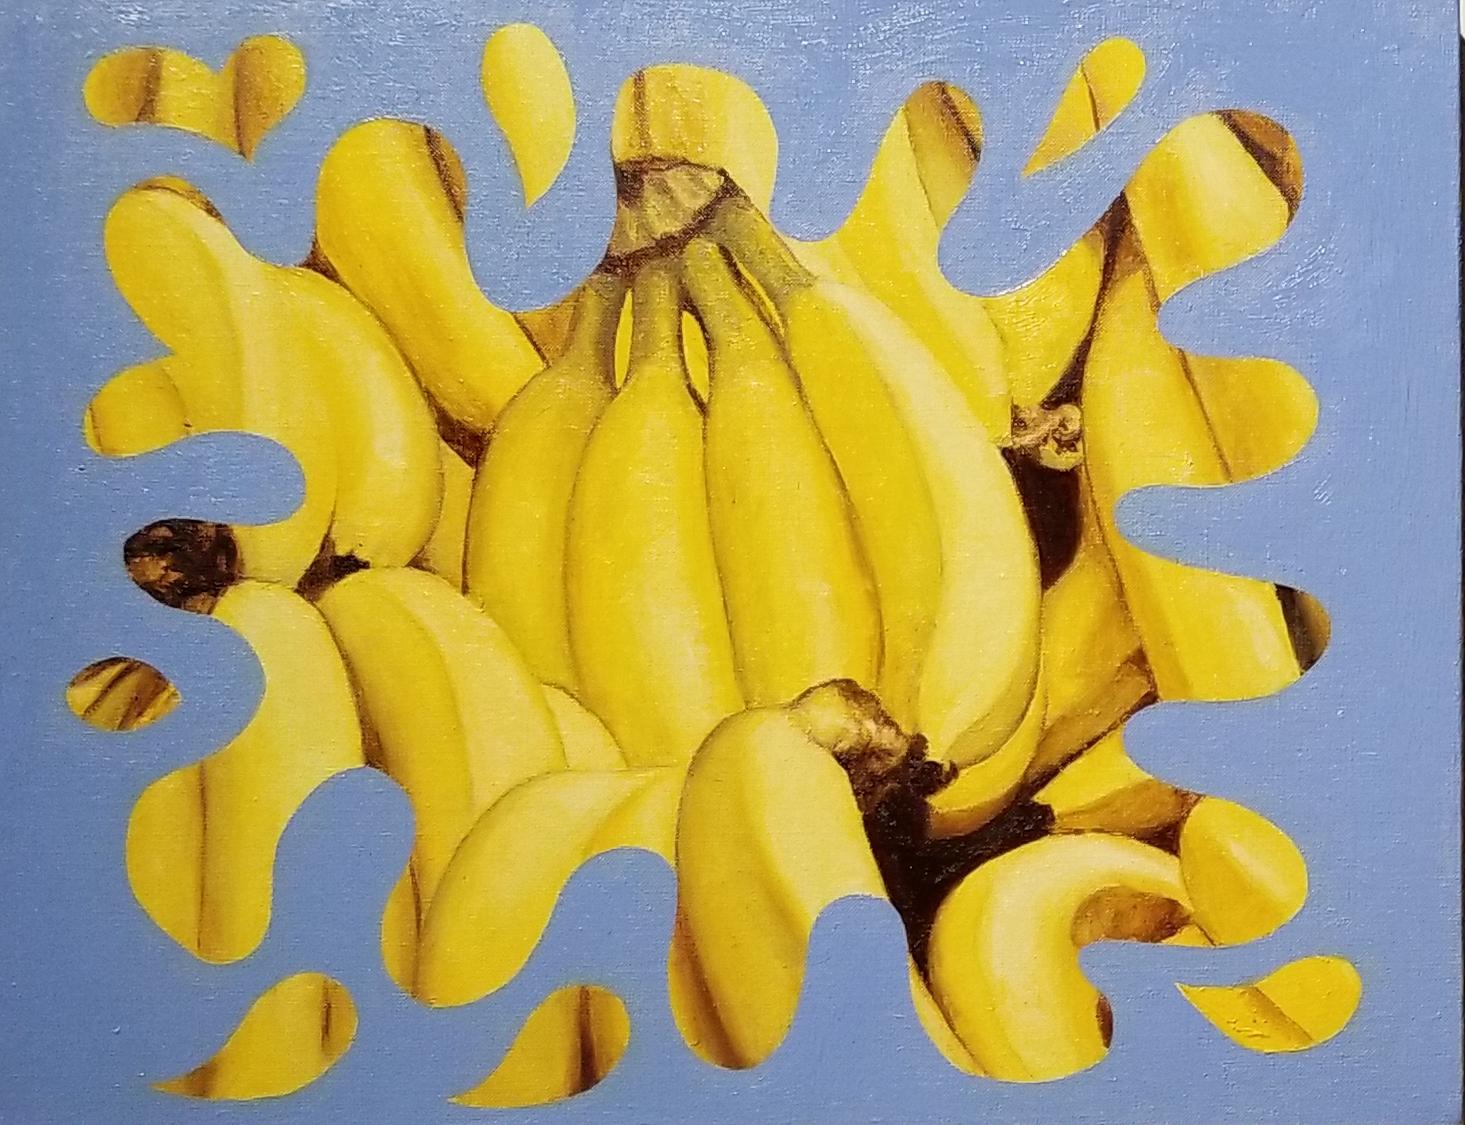 banana splash.jpg